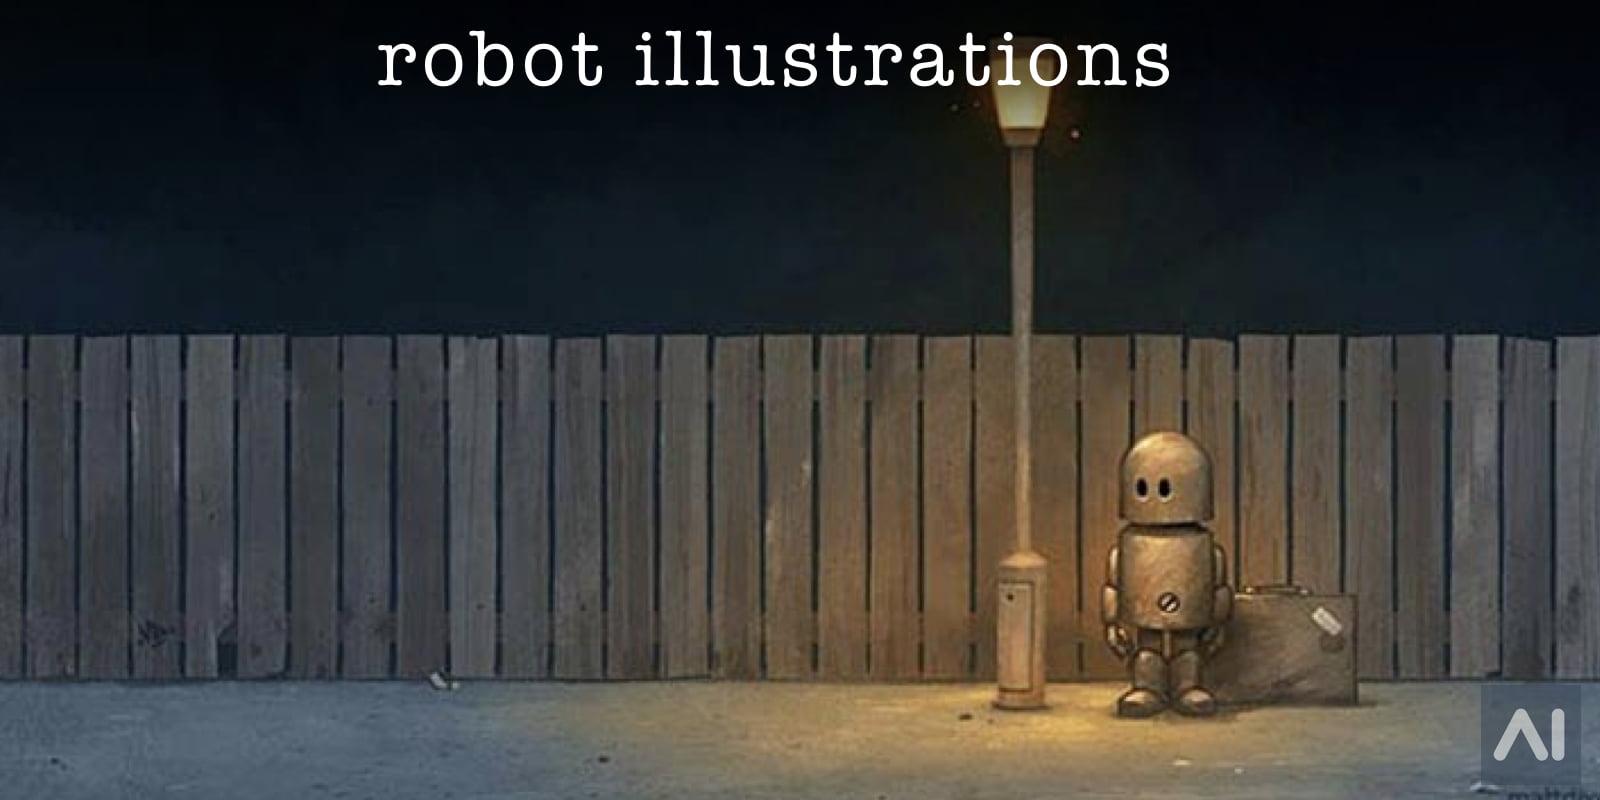 The Cutest Robots Ever by Matt Dixon